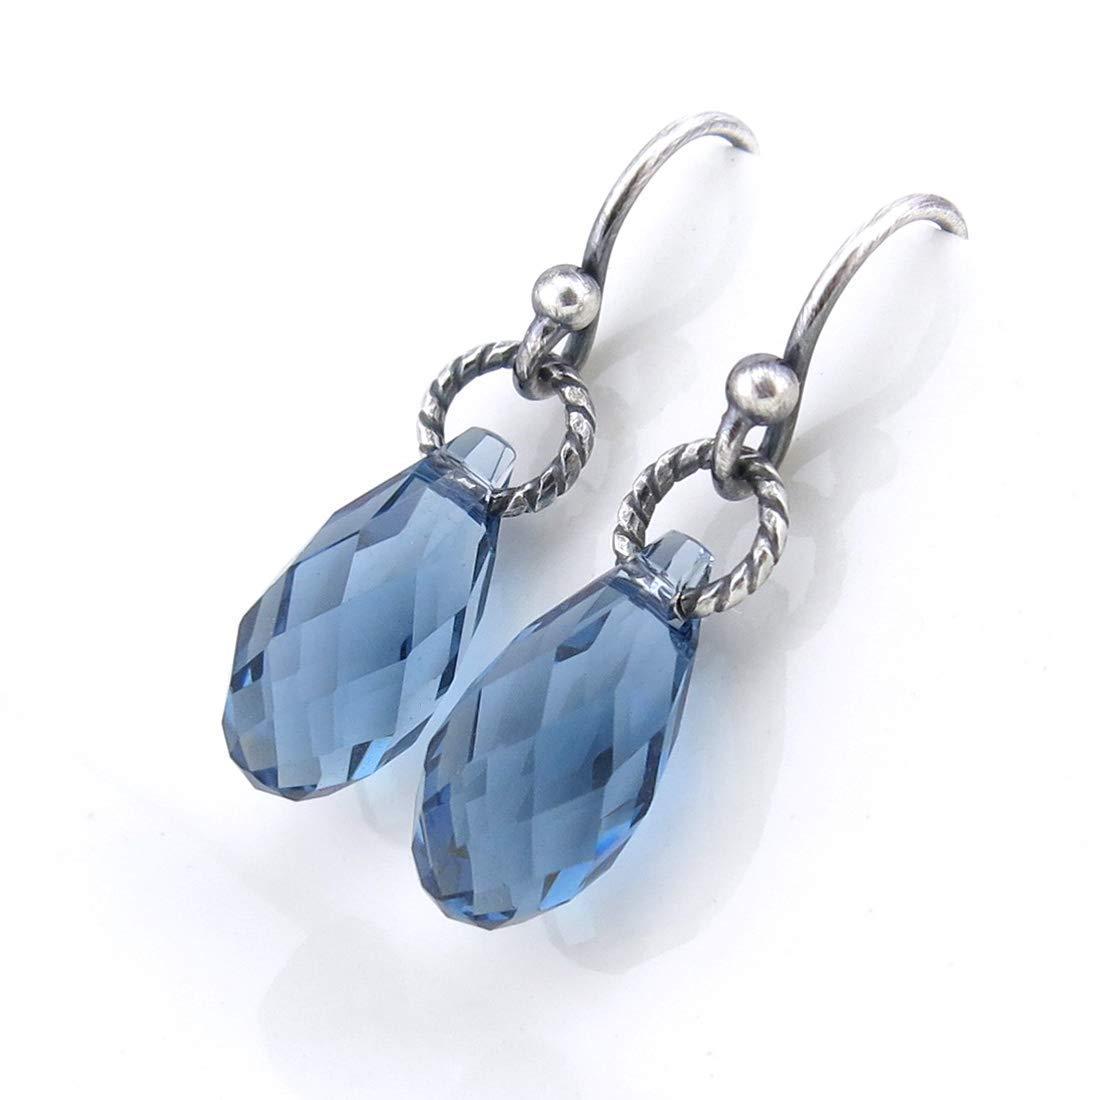 Teardrop Earrings ~ Sky Blue Enamel Minimalist Teardrop Drop Earrings